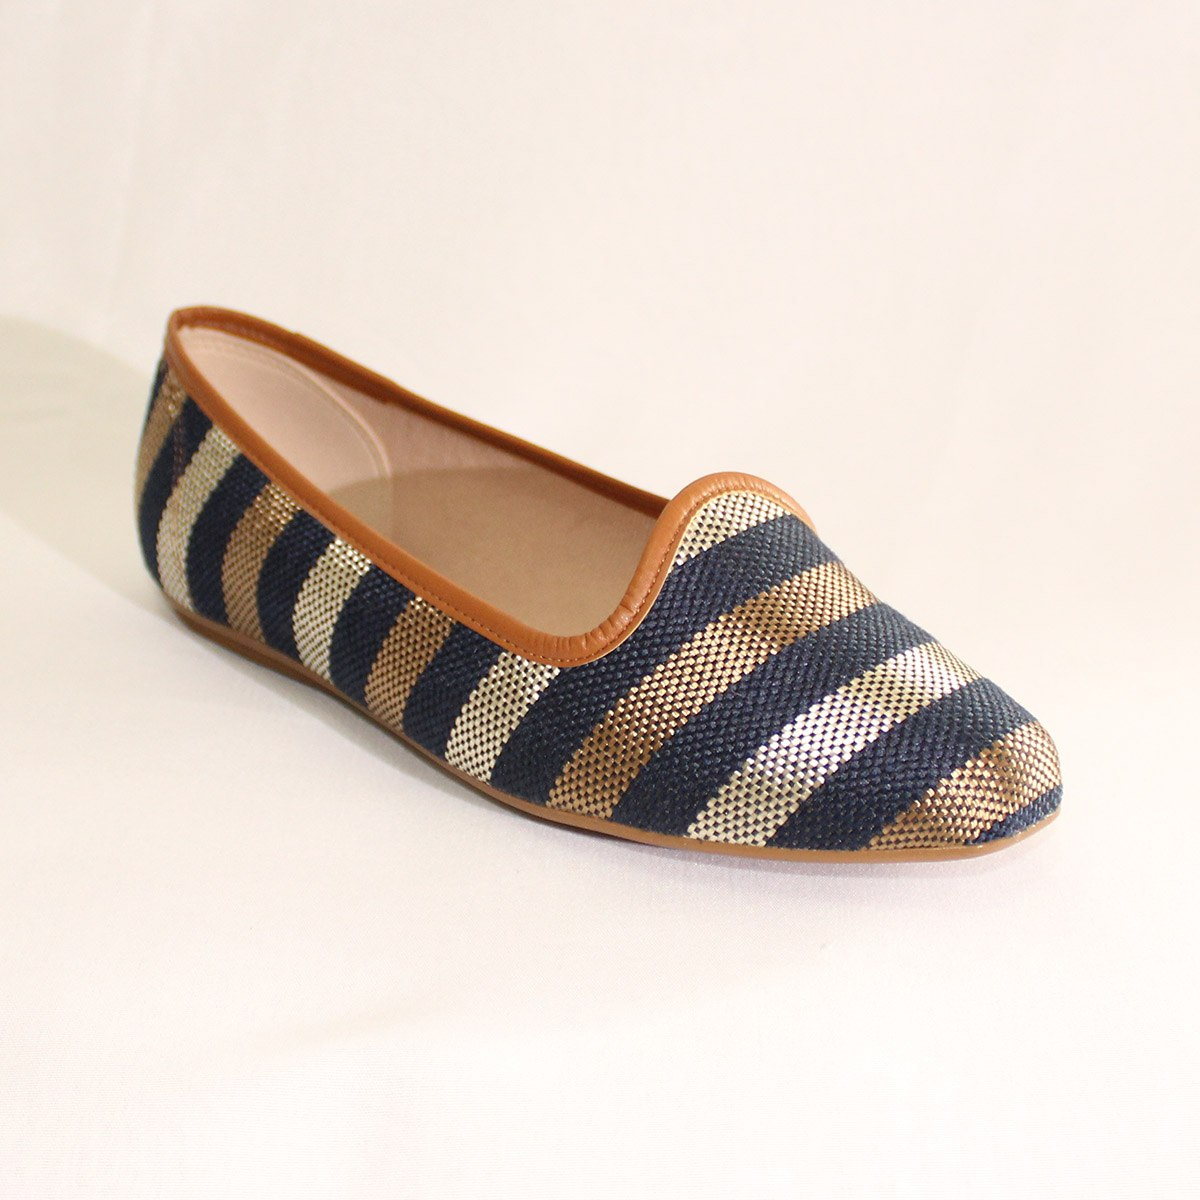 52a6ac56f53 sapatilha listrada azul prata bronze - beira rio conforto. Carregando zoom.